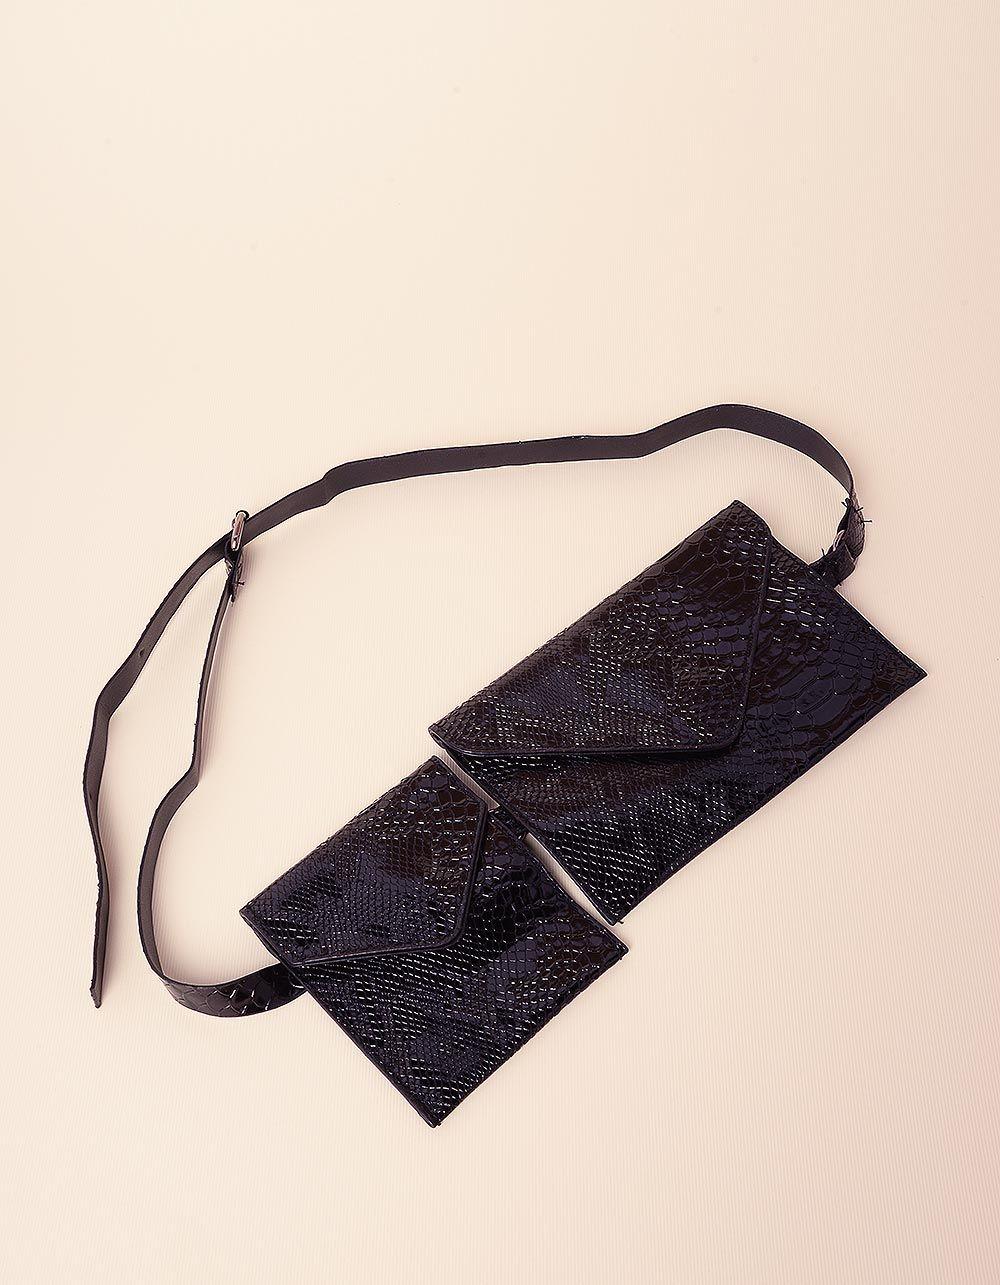 Сумка на пояс з гаманцем під шкіру крокодила   237437-02-XX